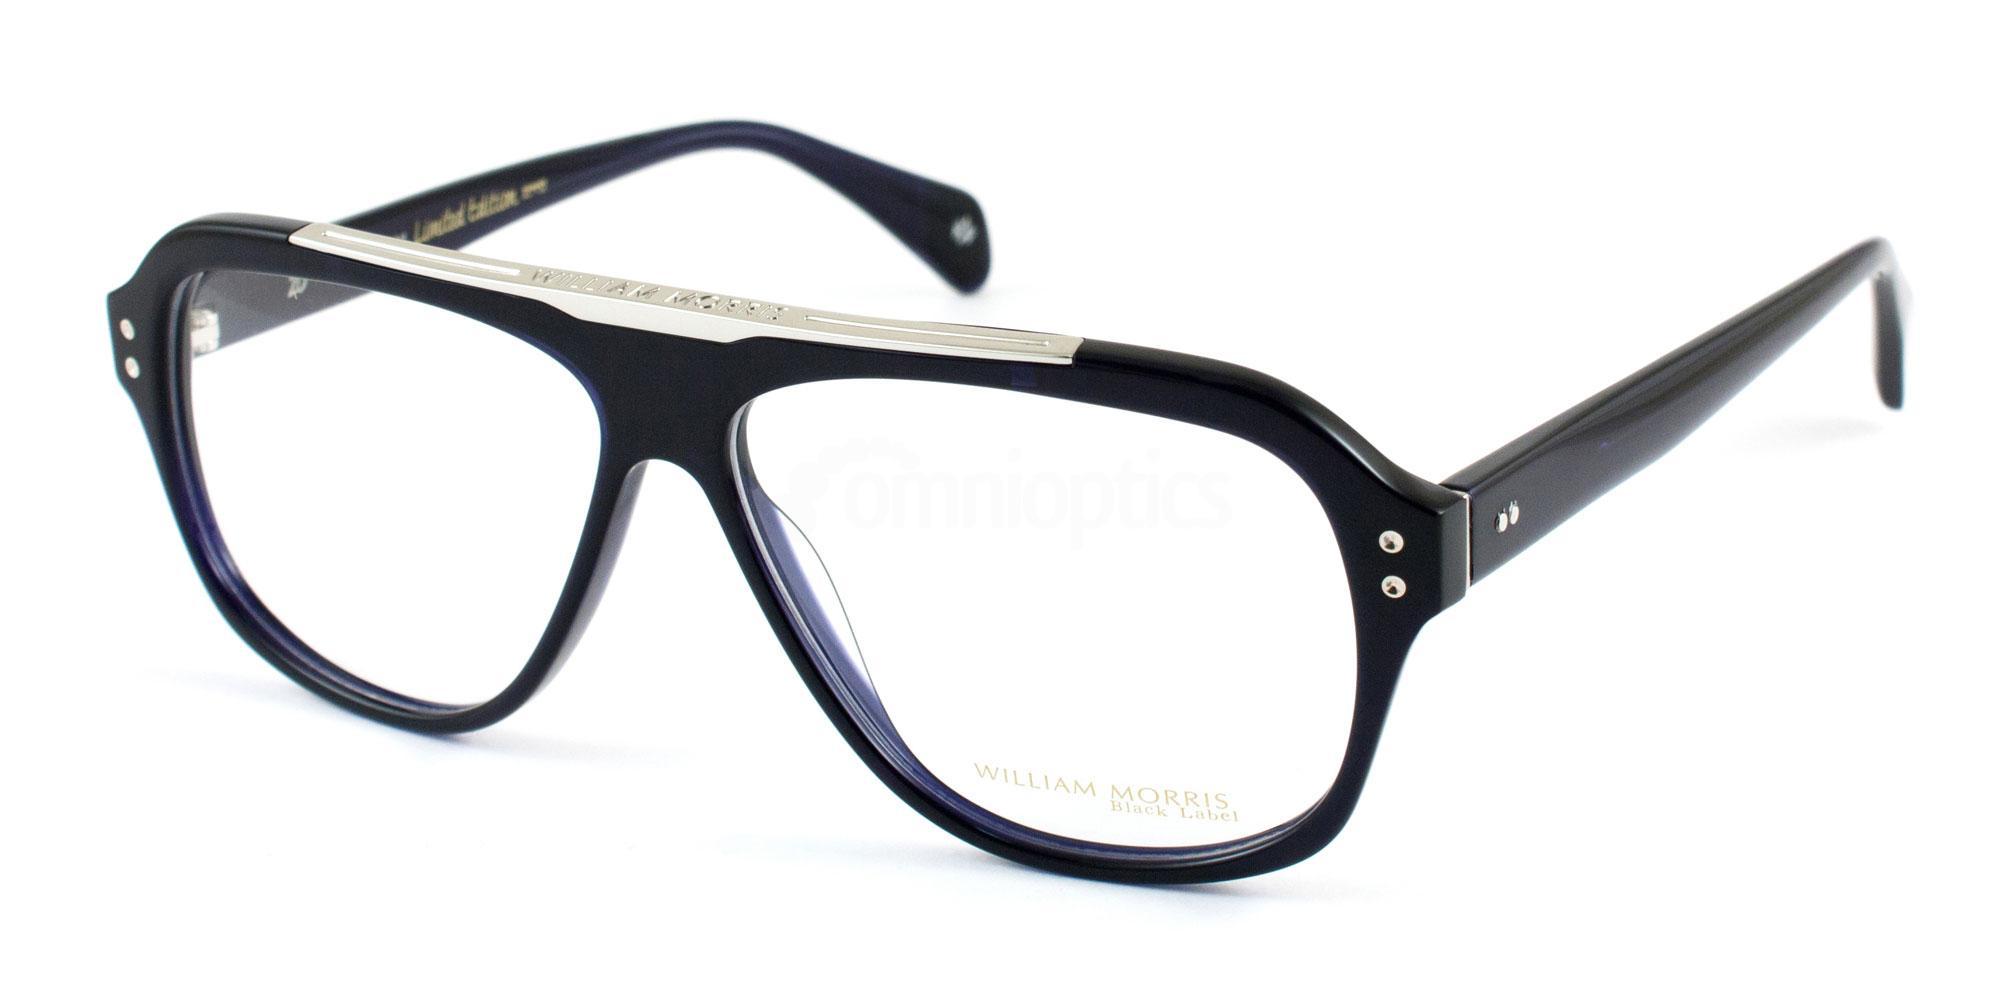 C1 BL049 , William Morris Black Label